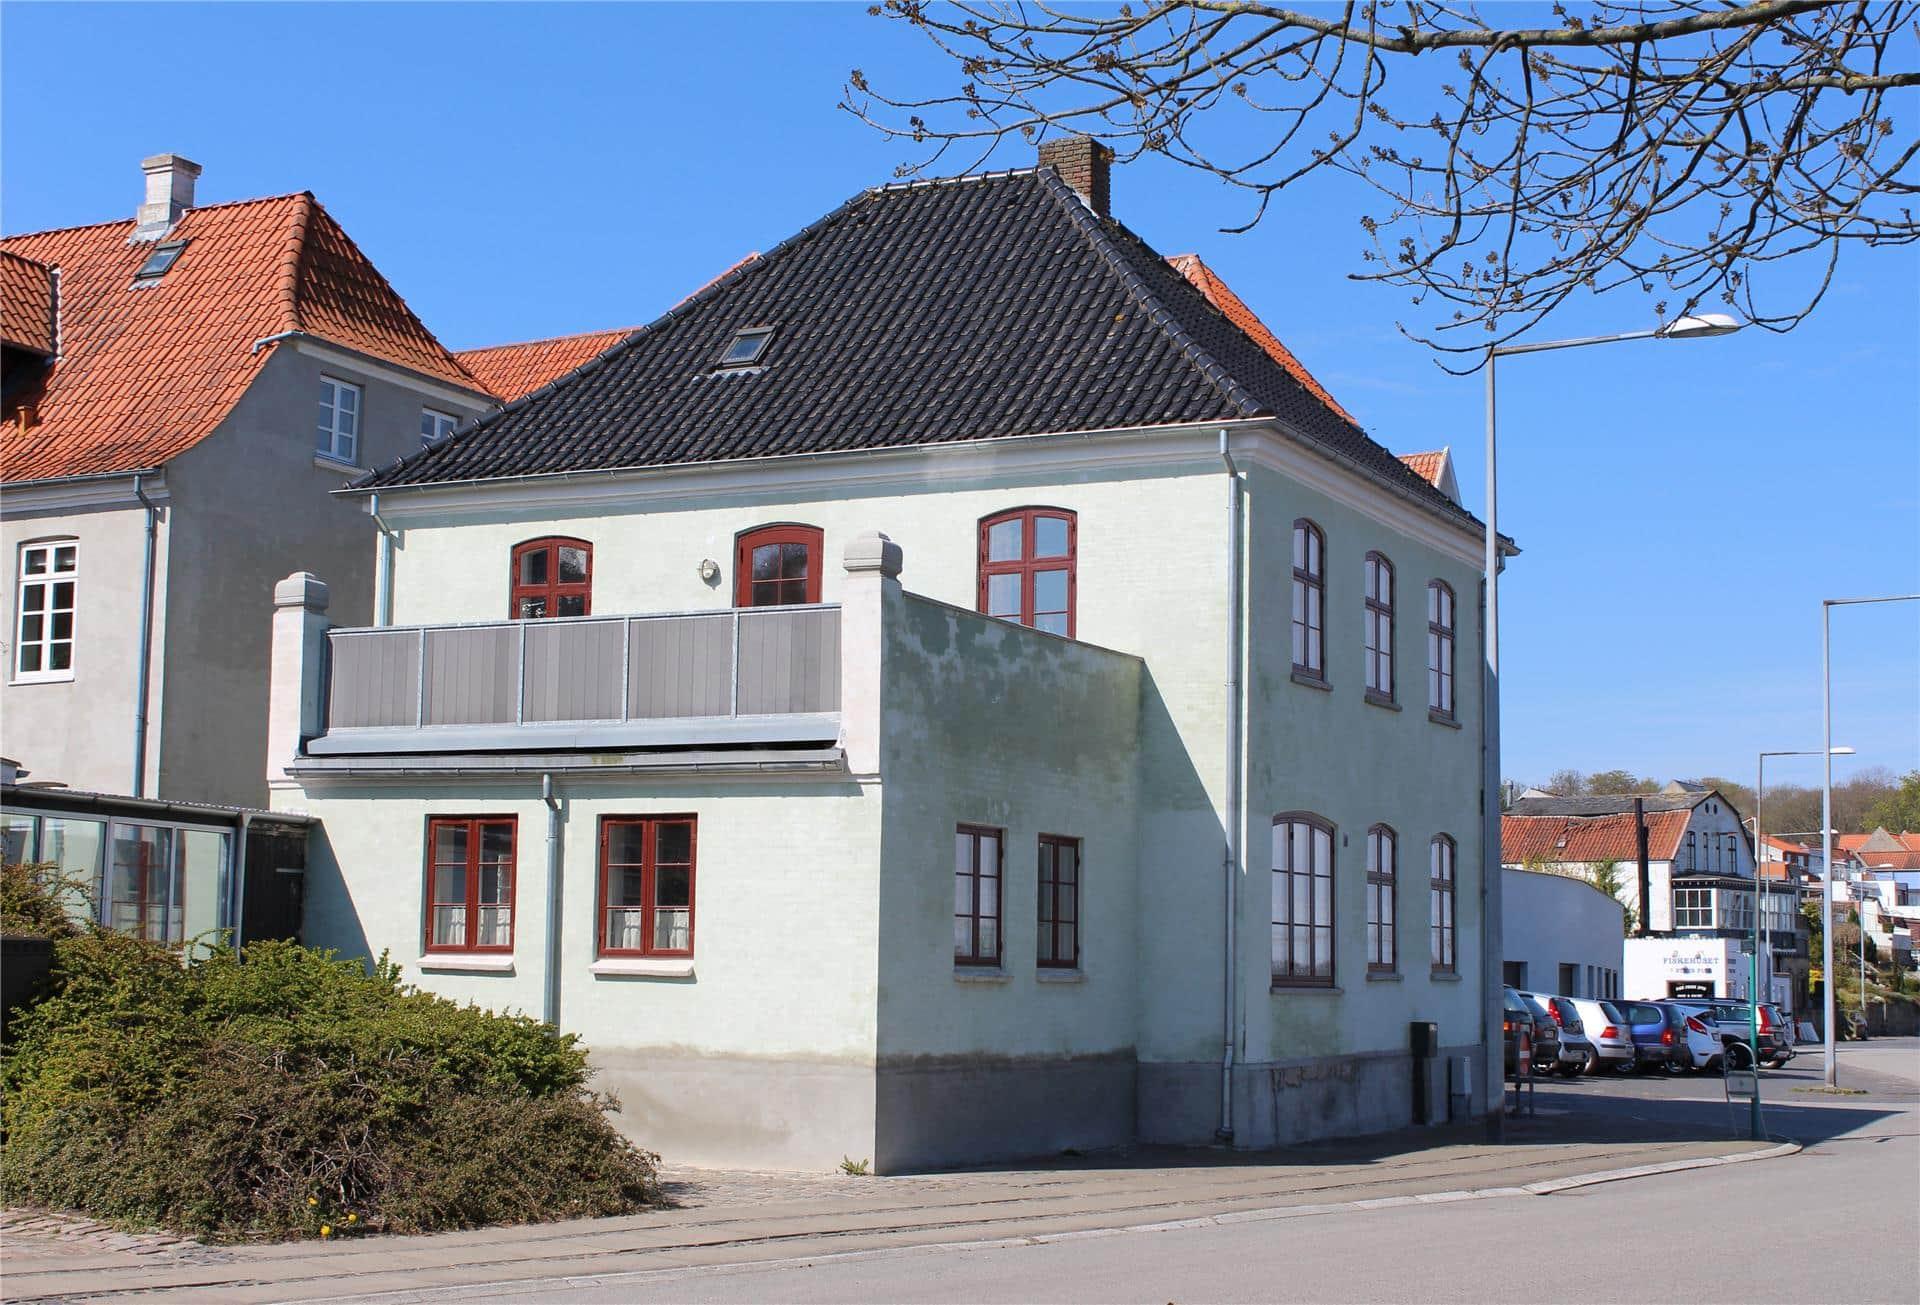 Afbeelding 1-3 Vakantiehuis M642761, Brogade 1, DK - 5500 Middelfart